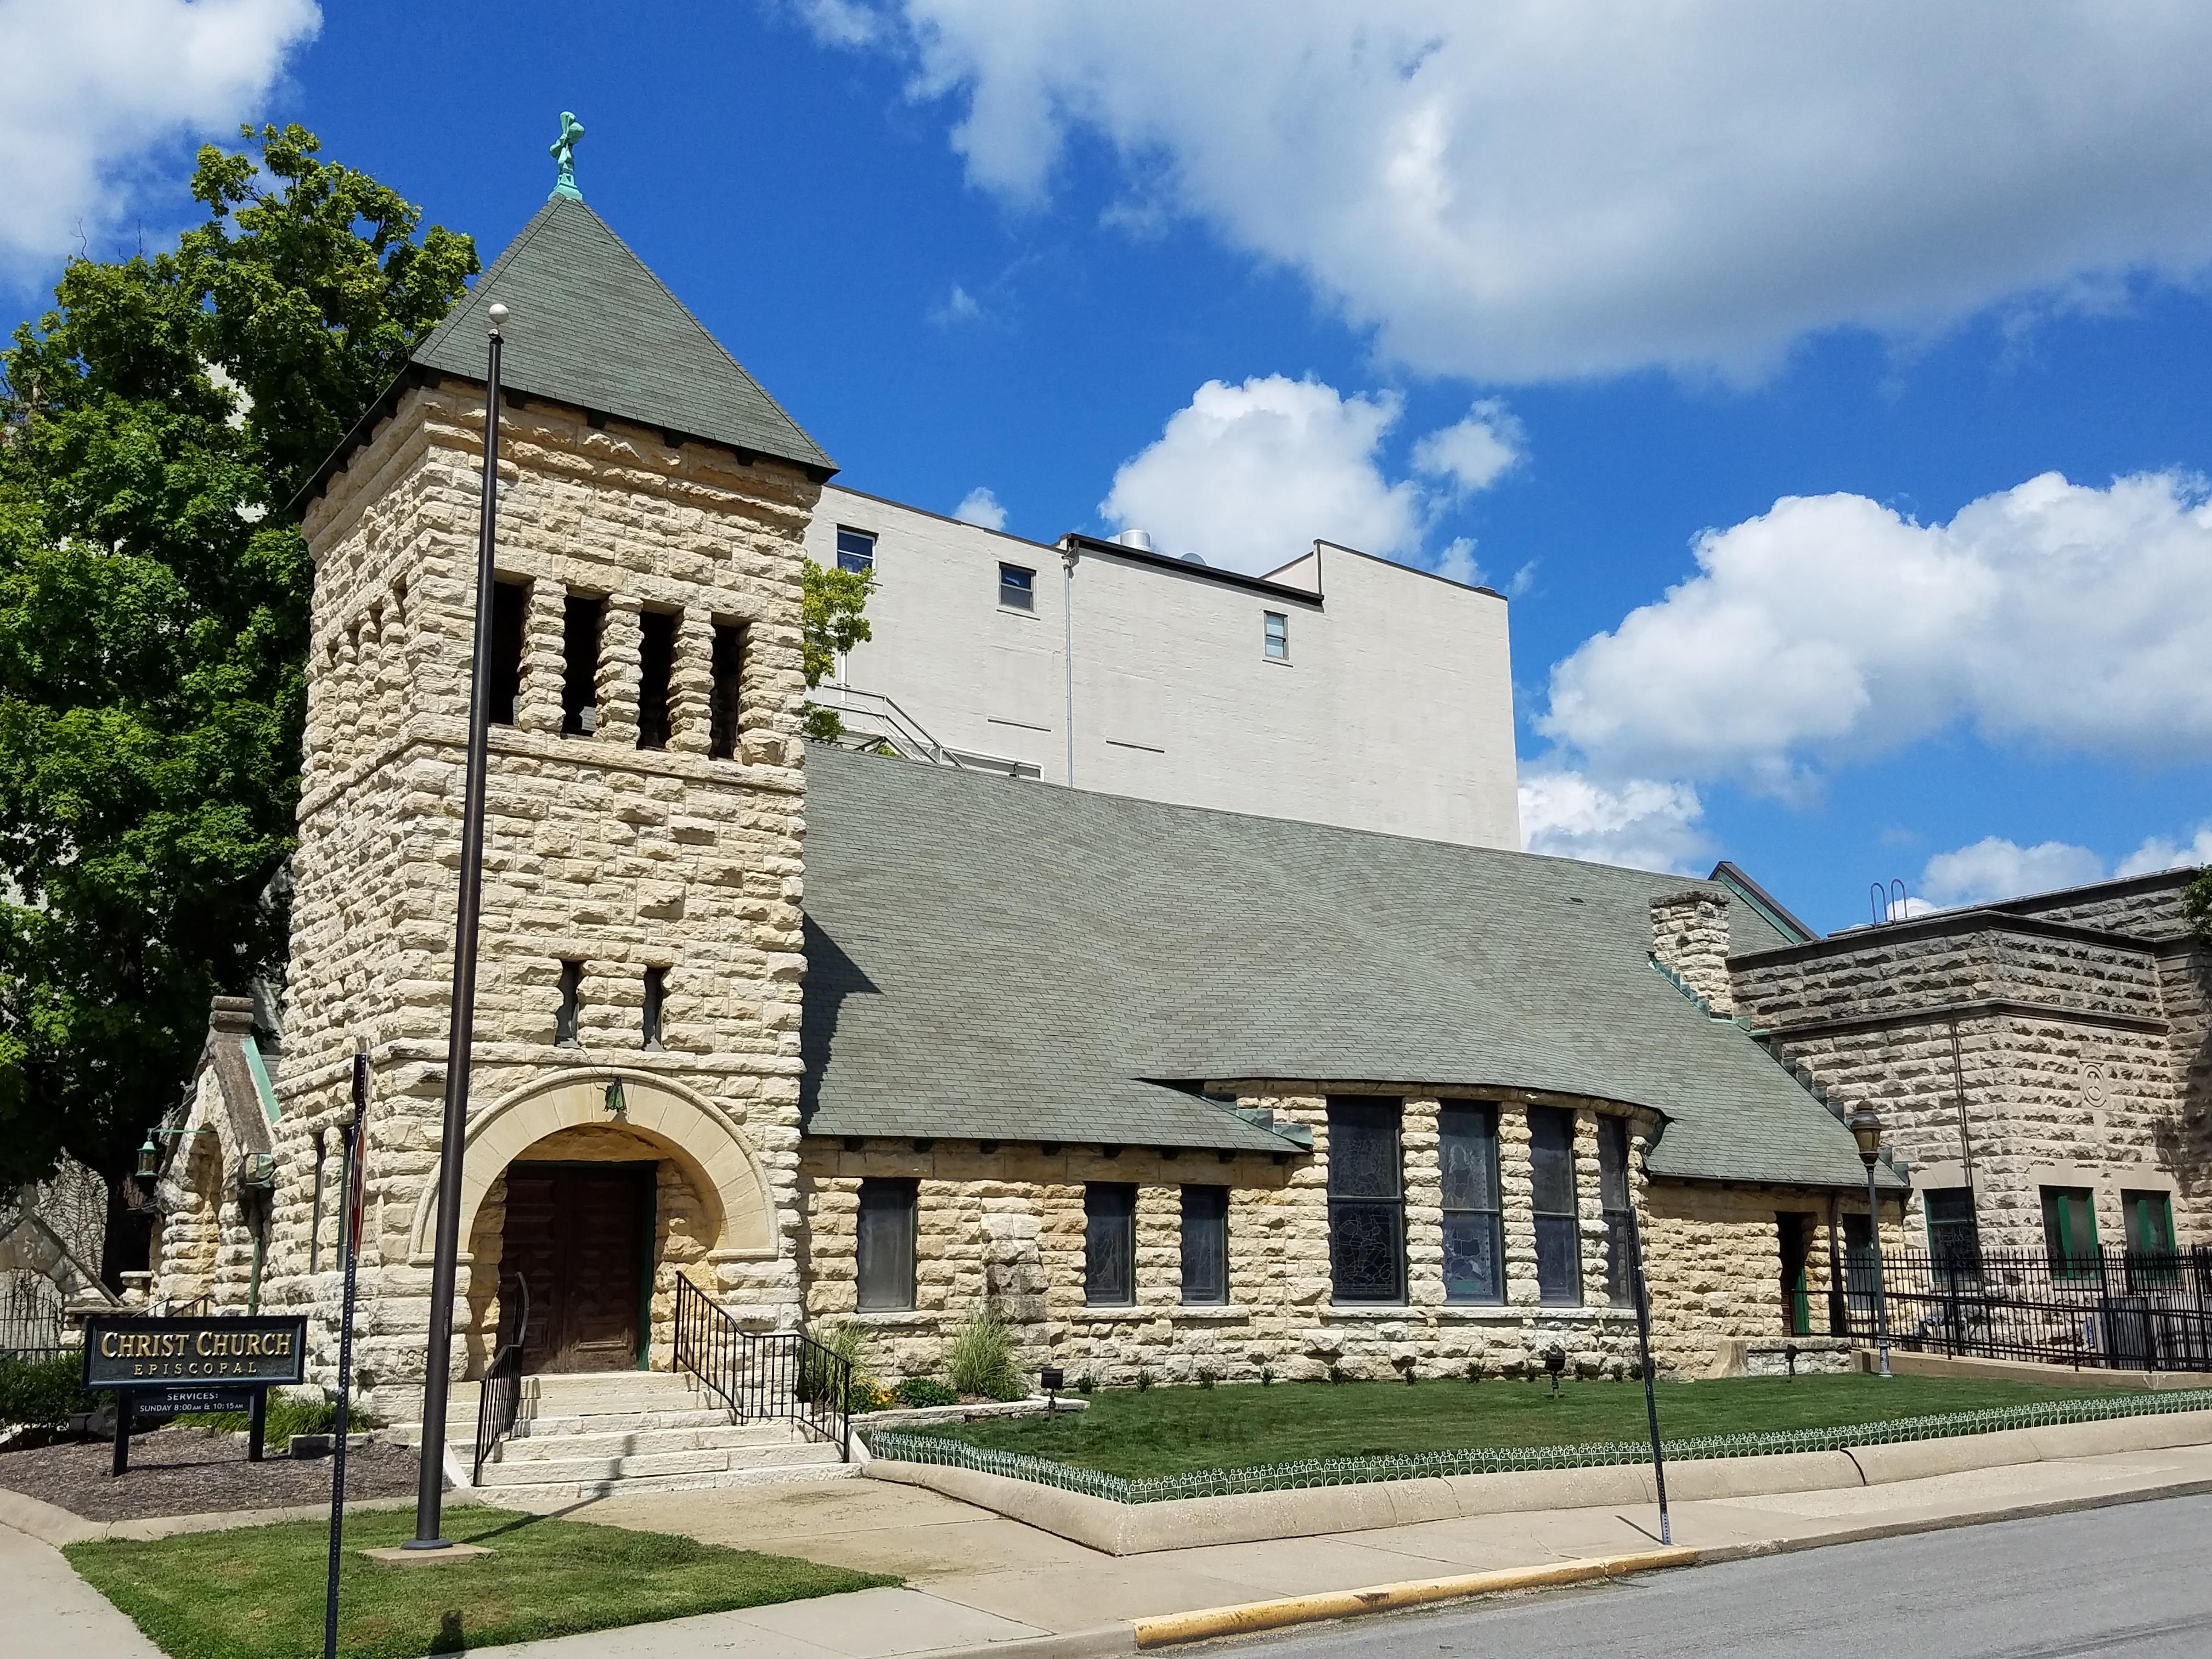 Eastside Church of Christ - Nashville